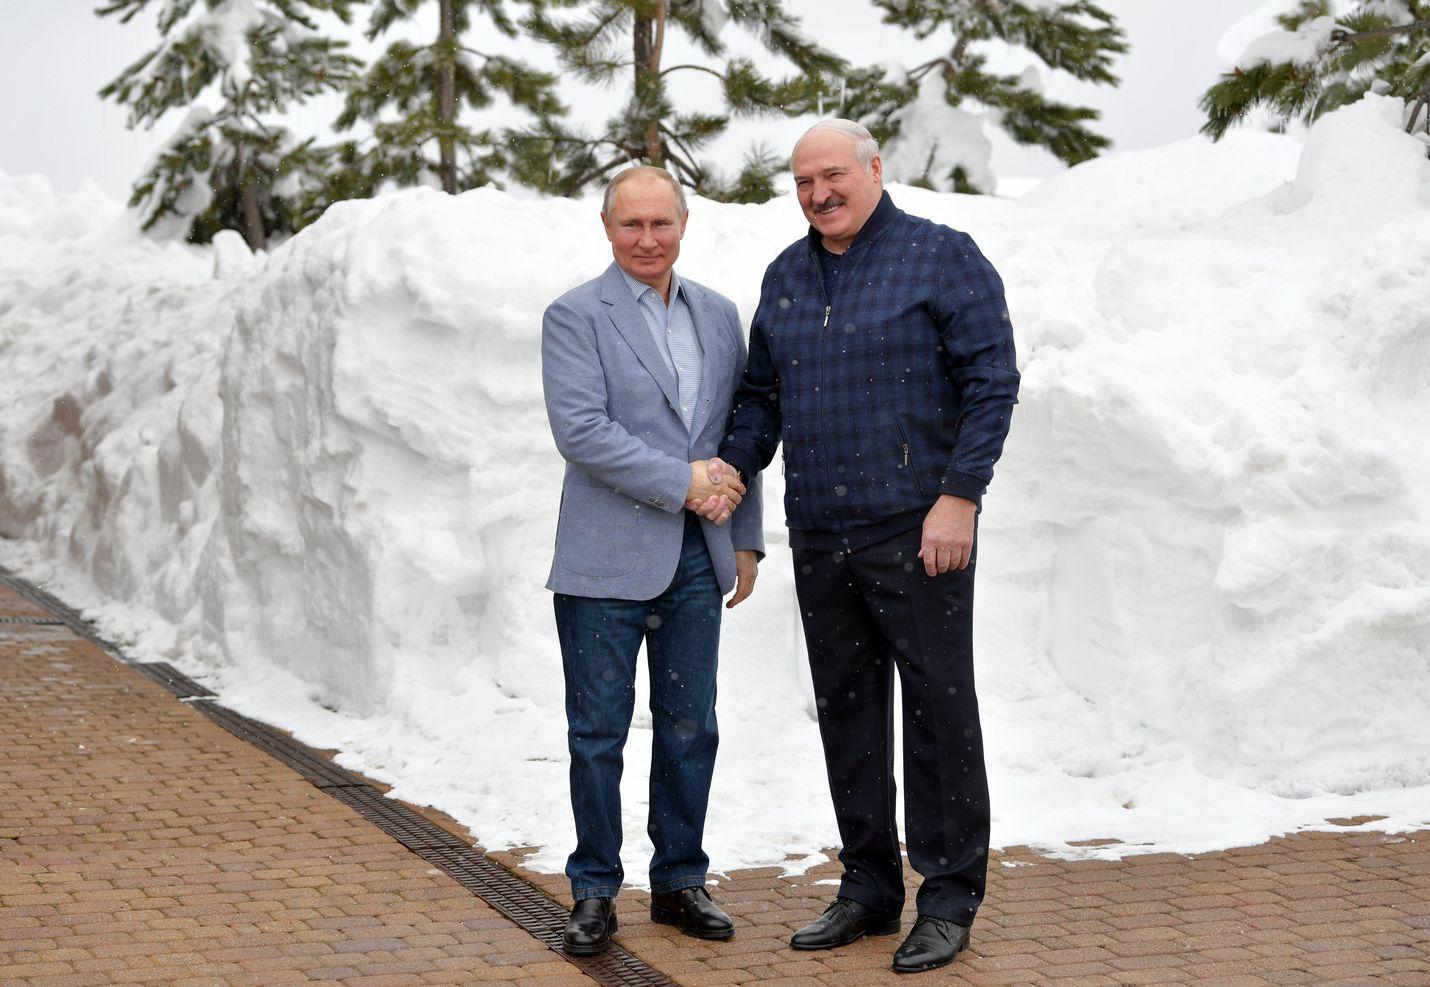 Venäjän Vladimir Putin ja Valko-Venäjän Aljaksandr Lukashenka ovat johtaneet maitaan 1990-luvulta lähtien. Matkan varrella kummallekin on kertynyt varallisuutta. Herrat tapasivat Sotshissa 22. helmikuuta.